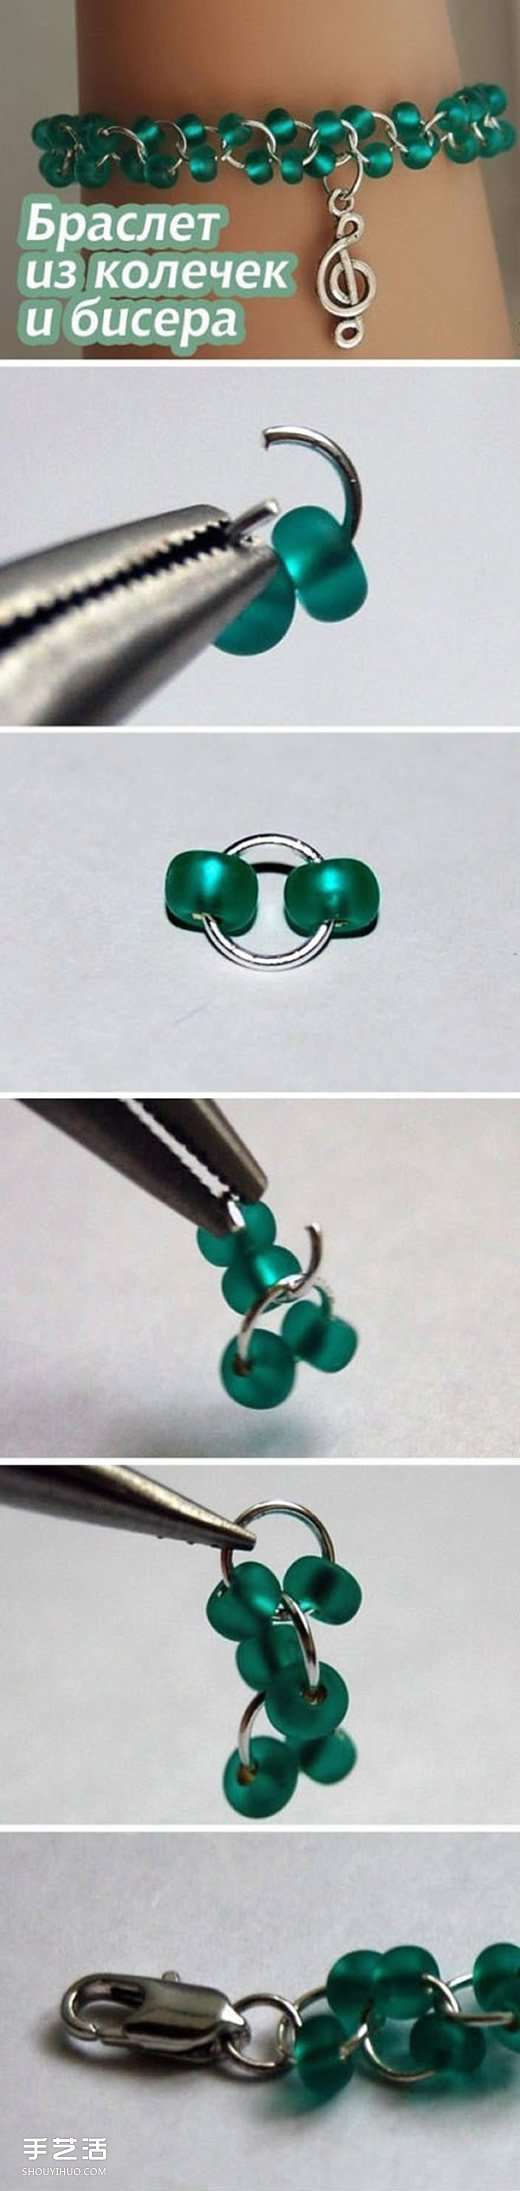 六個寶石串珠手鏈DIY 華麗手鏈製作方法圖解